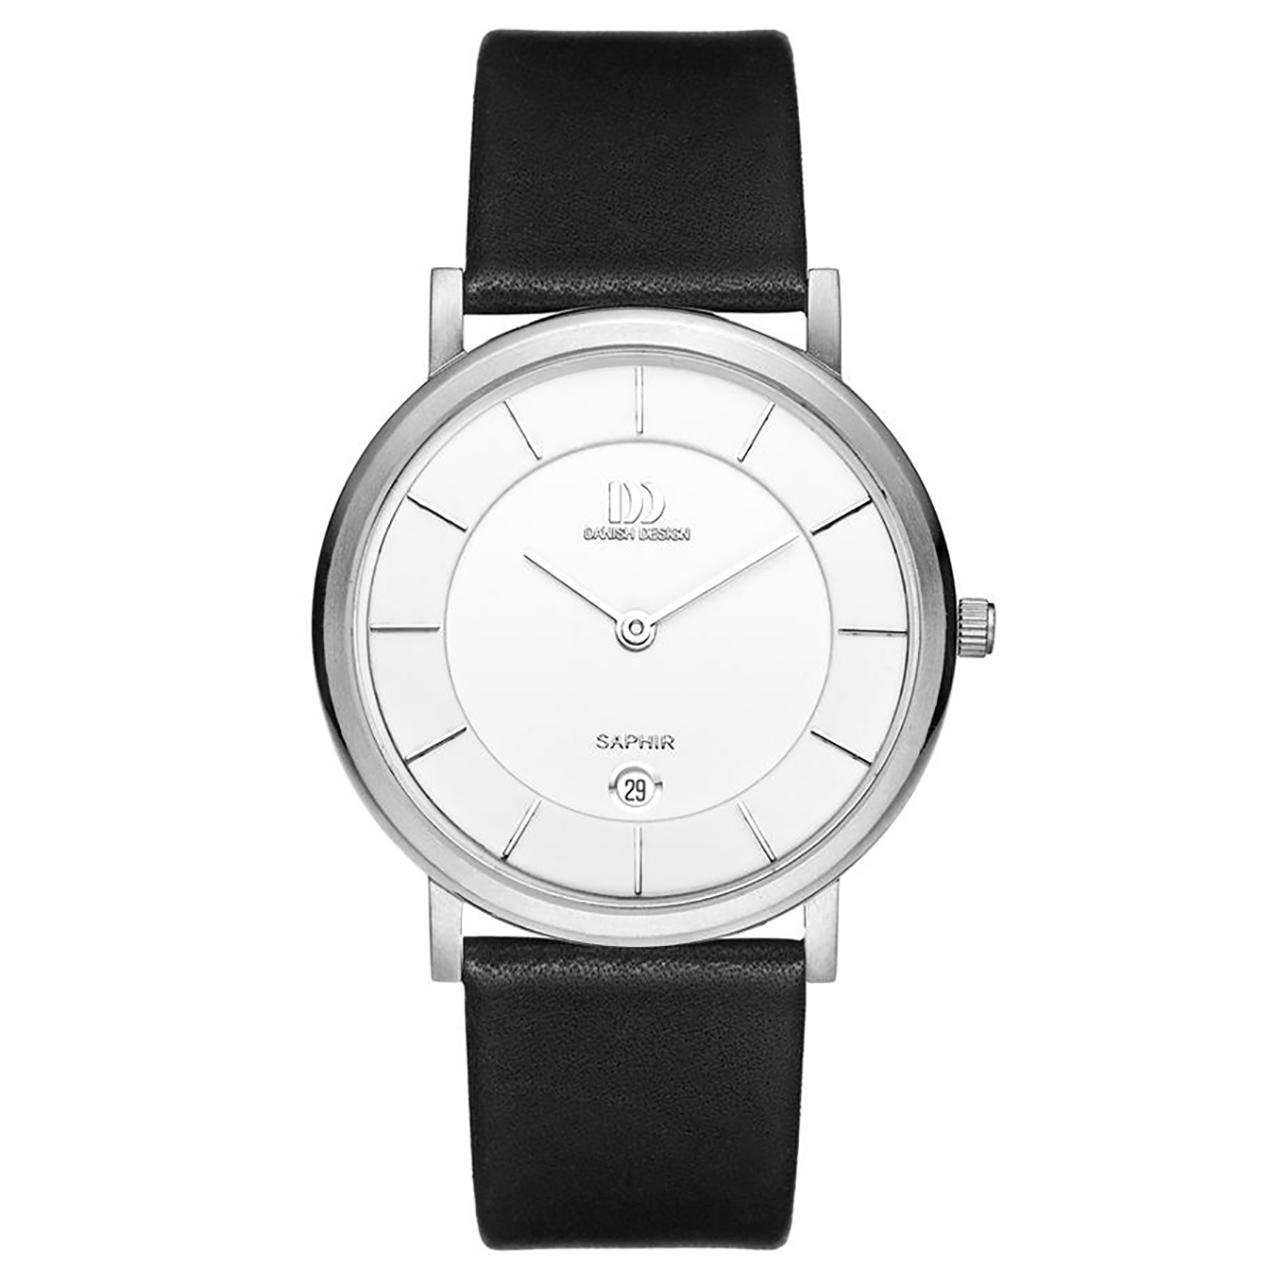 ساعت مچی عقربه ای مردانه دنیش دیزاین مدل IQ12Q898 53